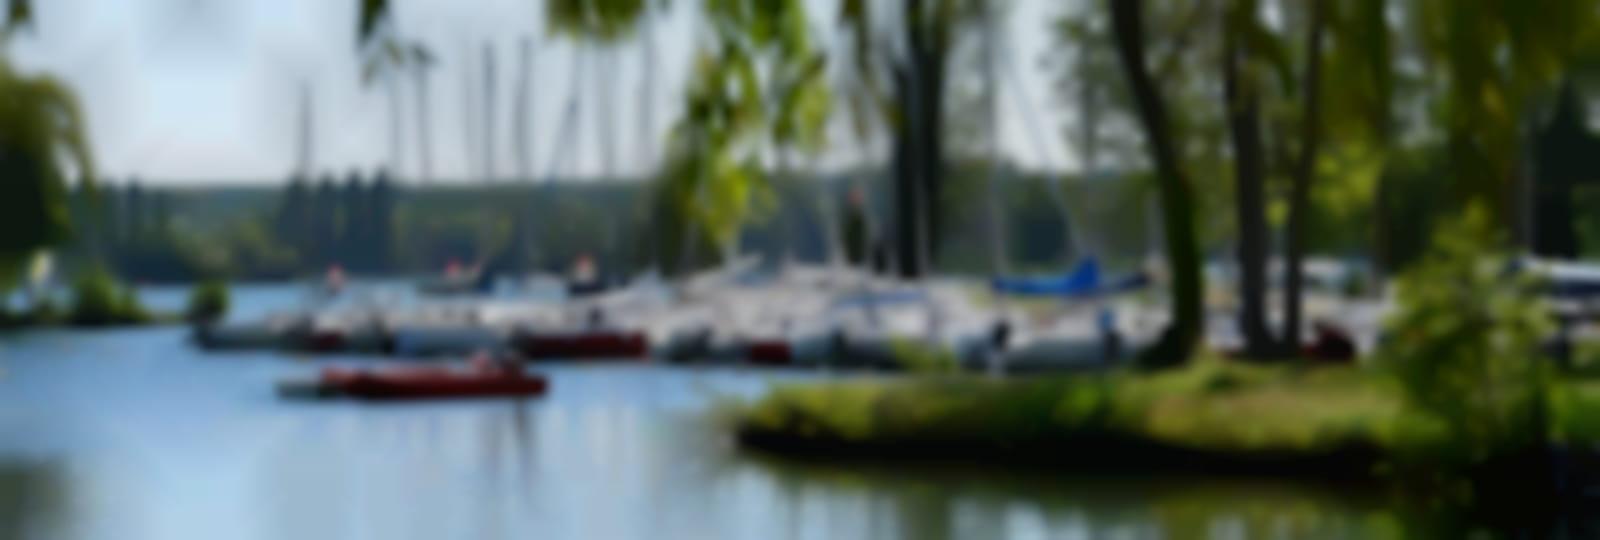 plan-d-eau-Mezieres-Ecluzelles-Mathilde-Lefrancois